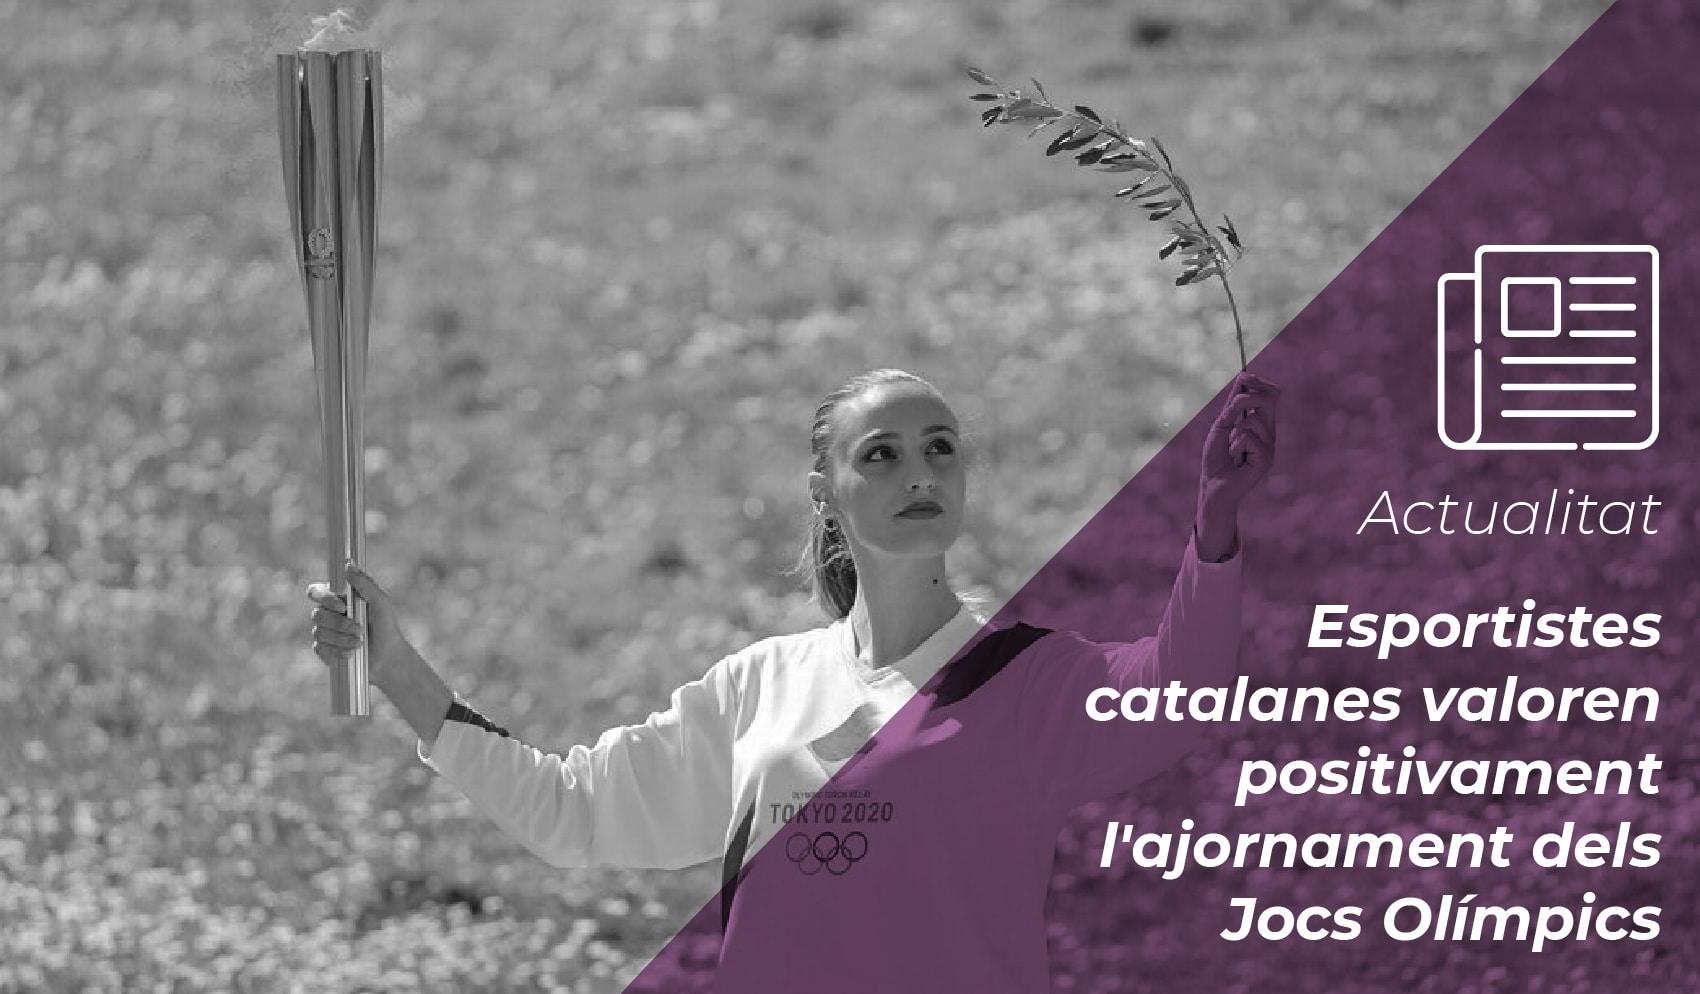 Esportistes catalanes valoren positivament l'ajornament dels Jocs Olímpics 9